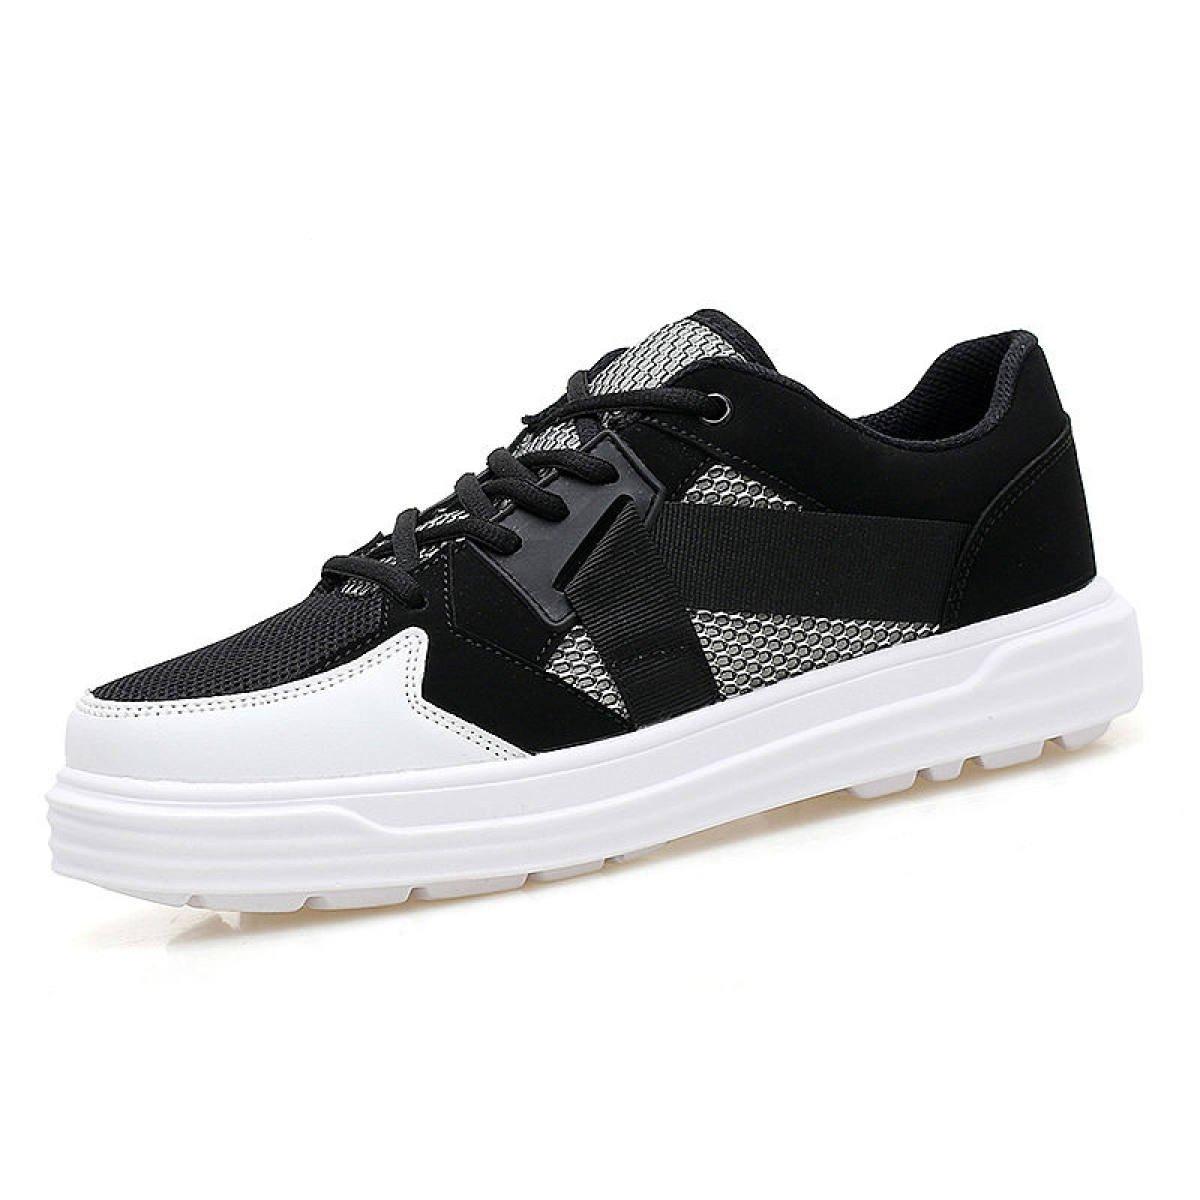 GRRONG Paare Schuhe Sport Netto-Schuhe Atmungsaktive Mesh-Laufschuhe  41|Black